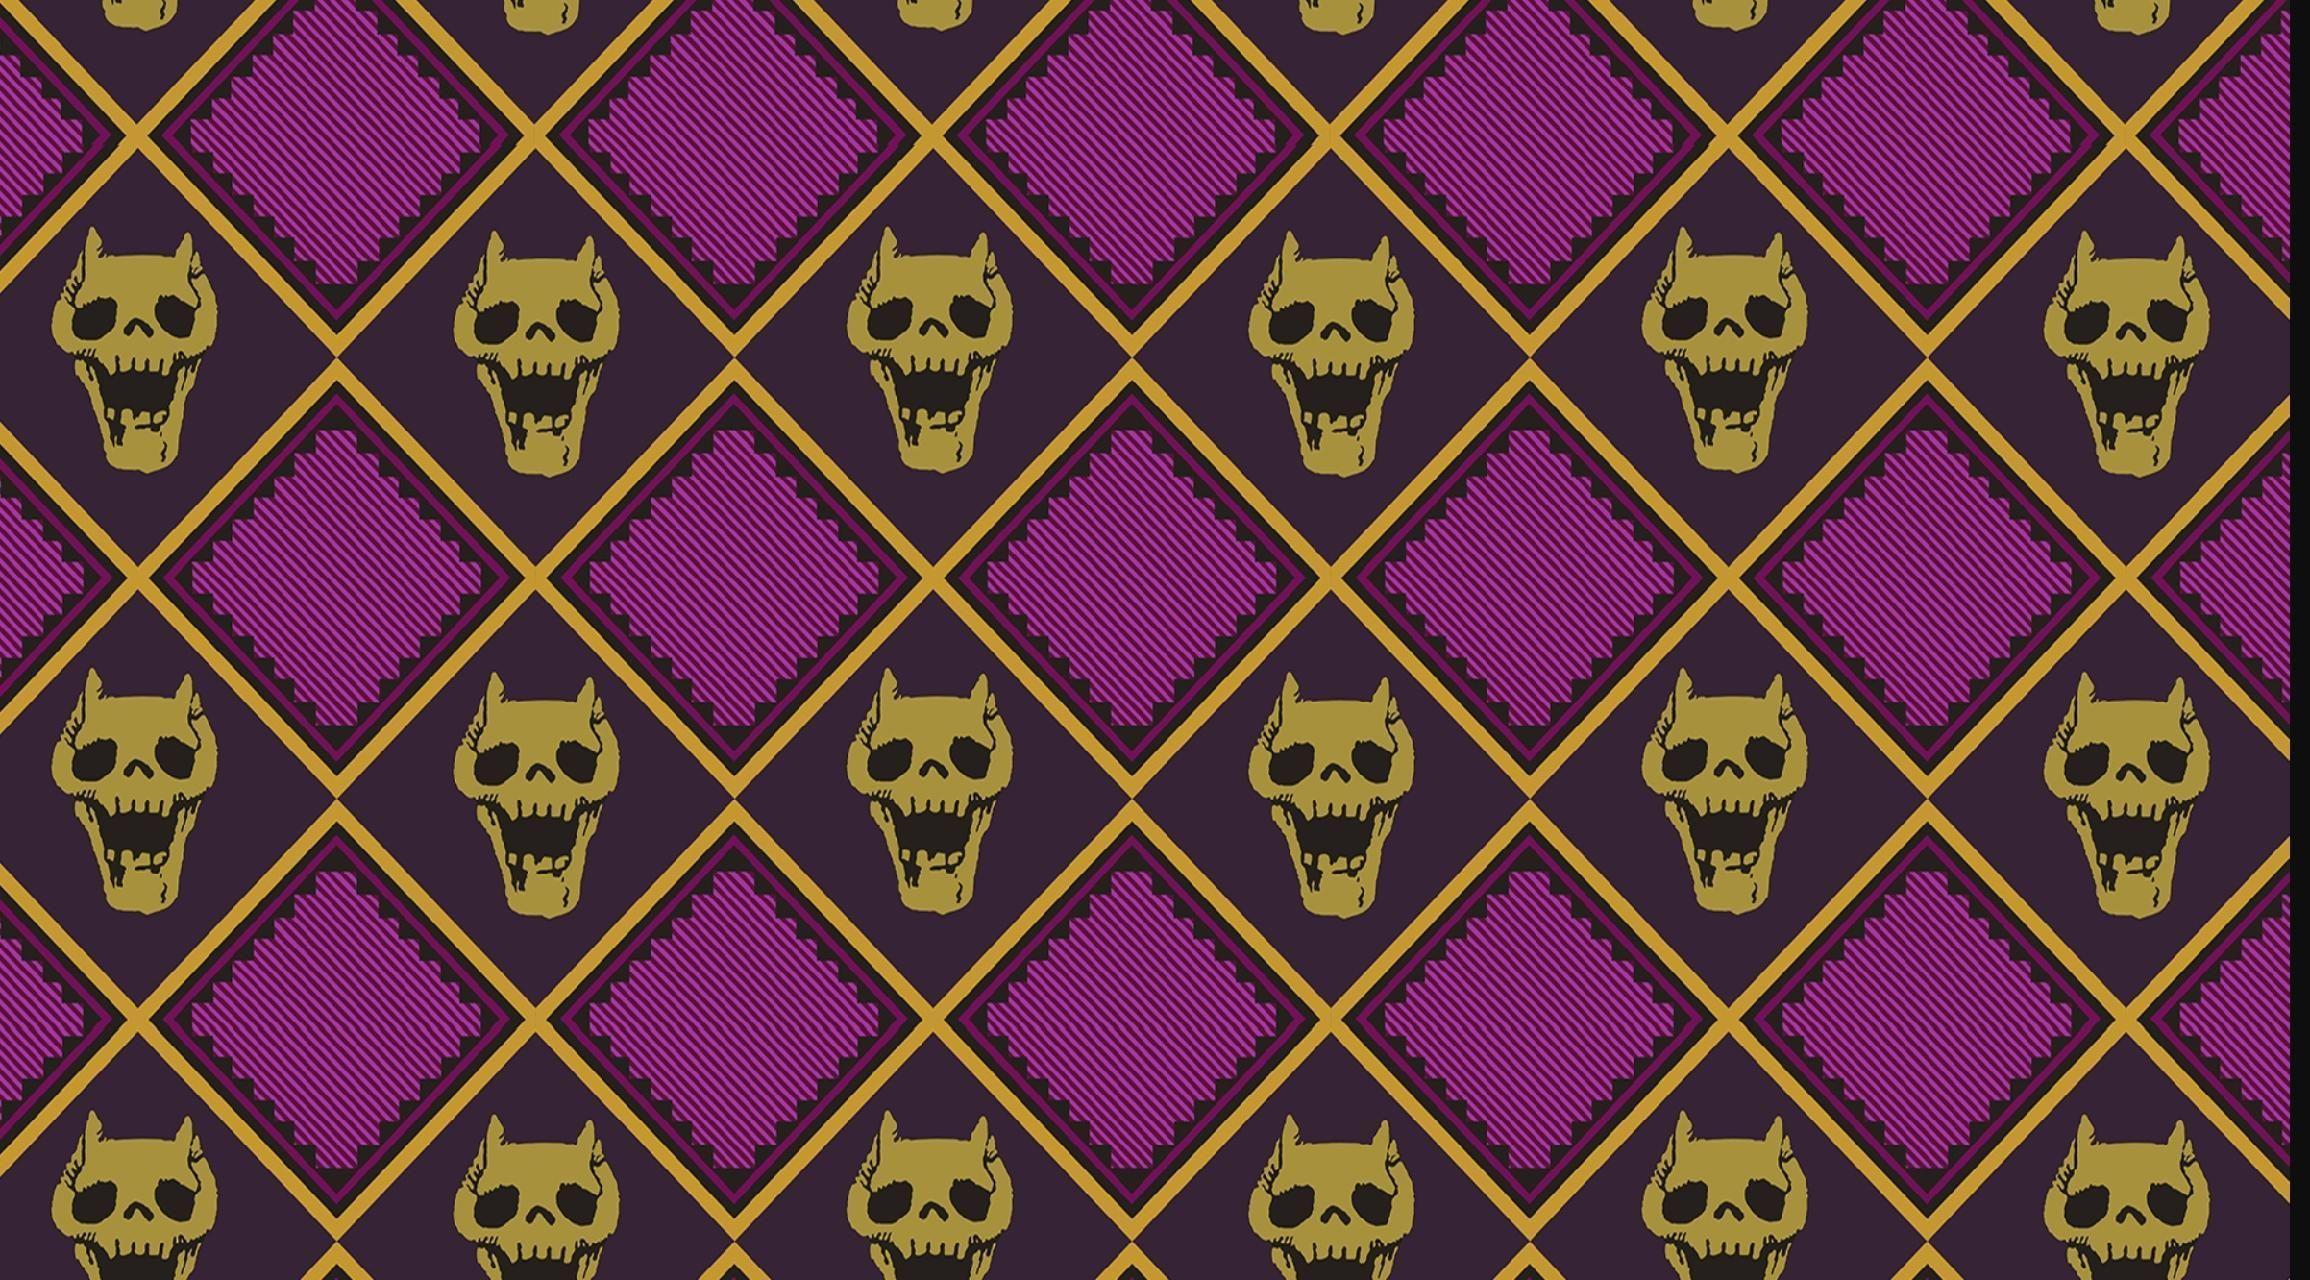 Killer Queen Wallpapers - Top Free Killer Queen ...